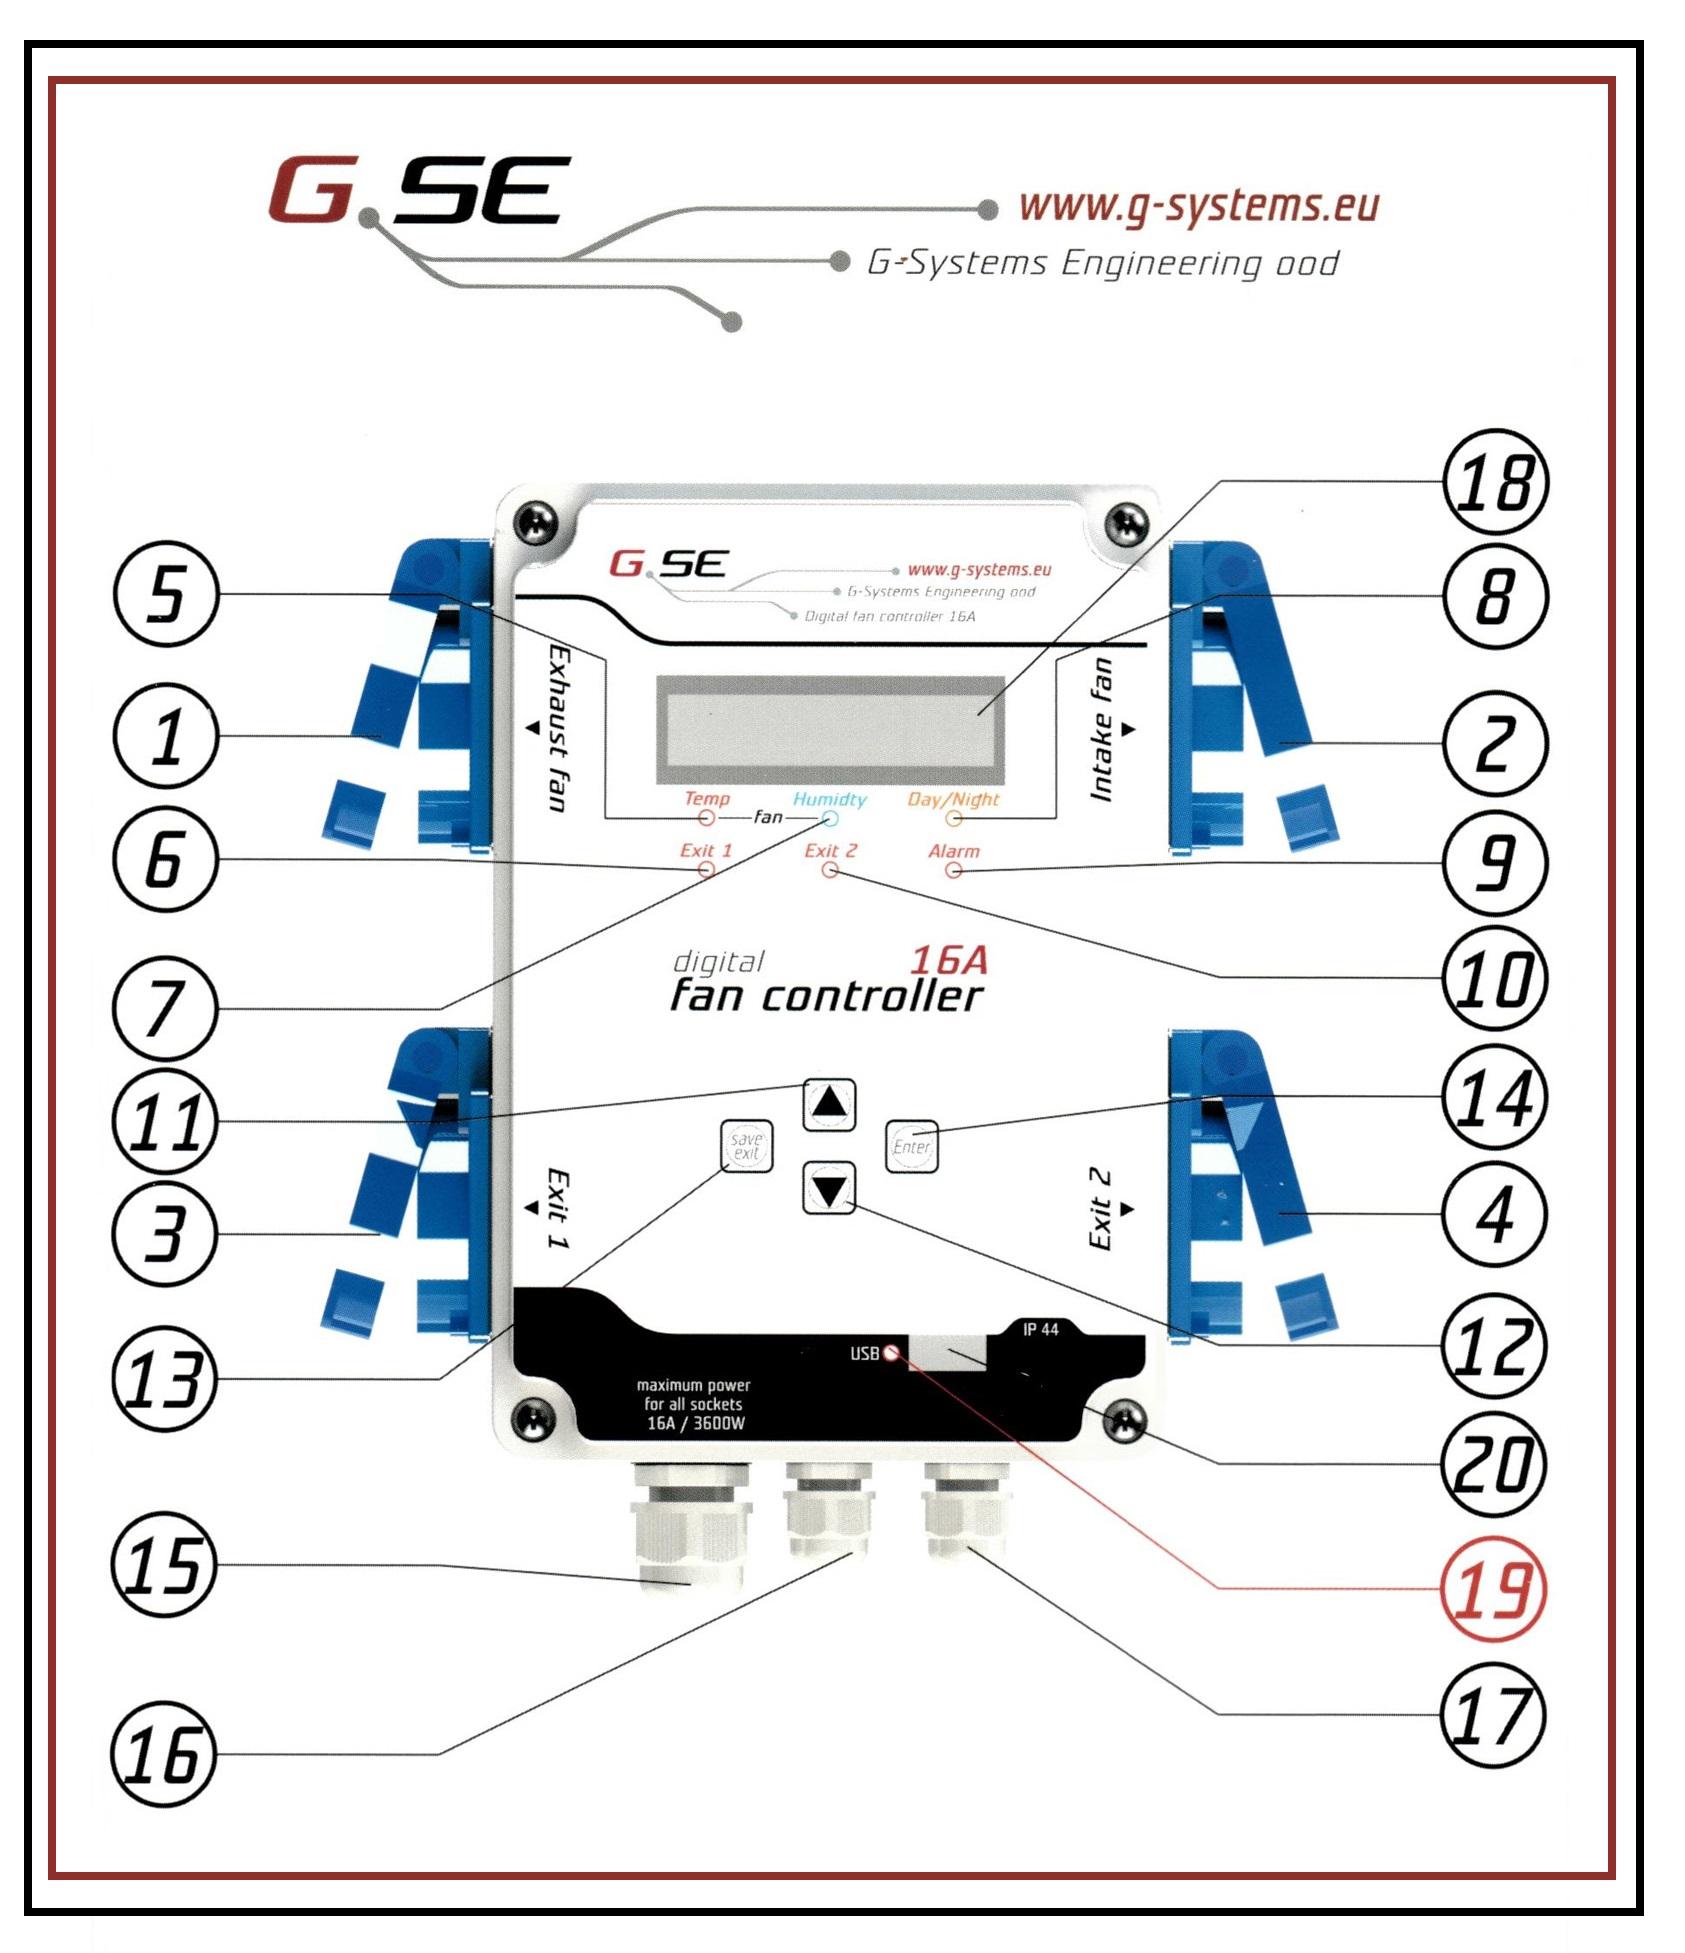 Contrôleur de ventilation GSE 16A - 2 entrées